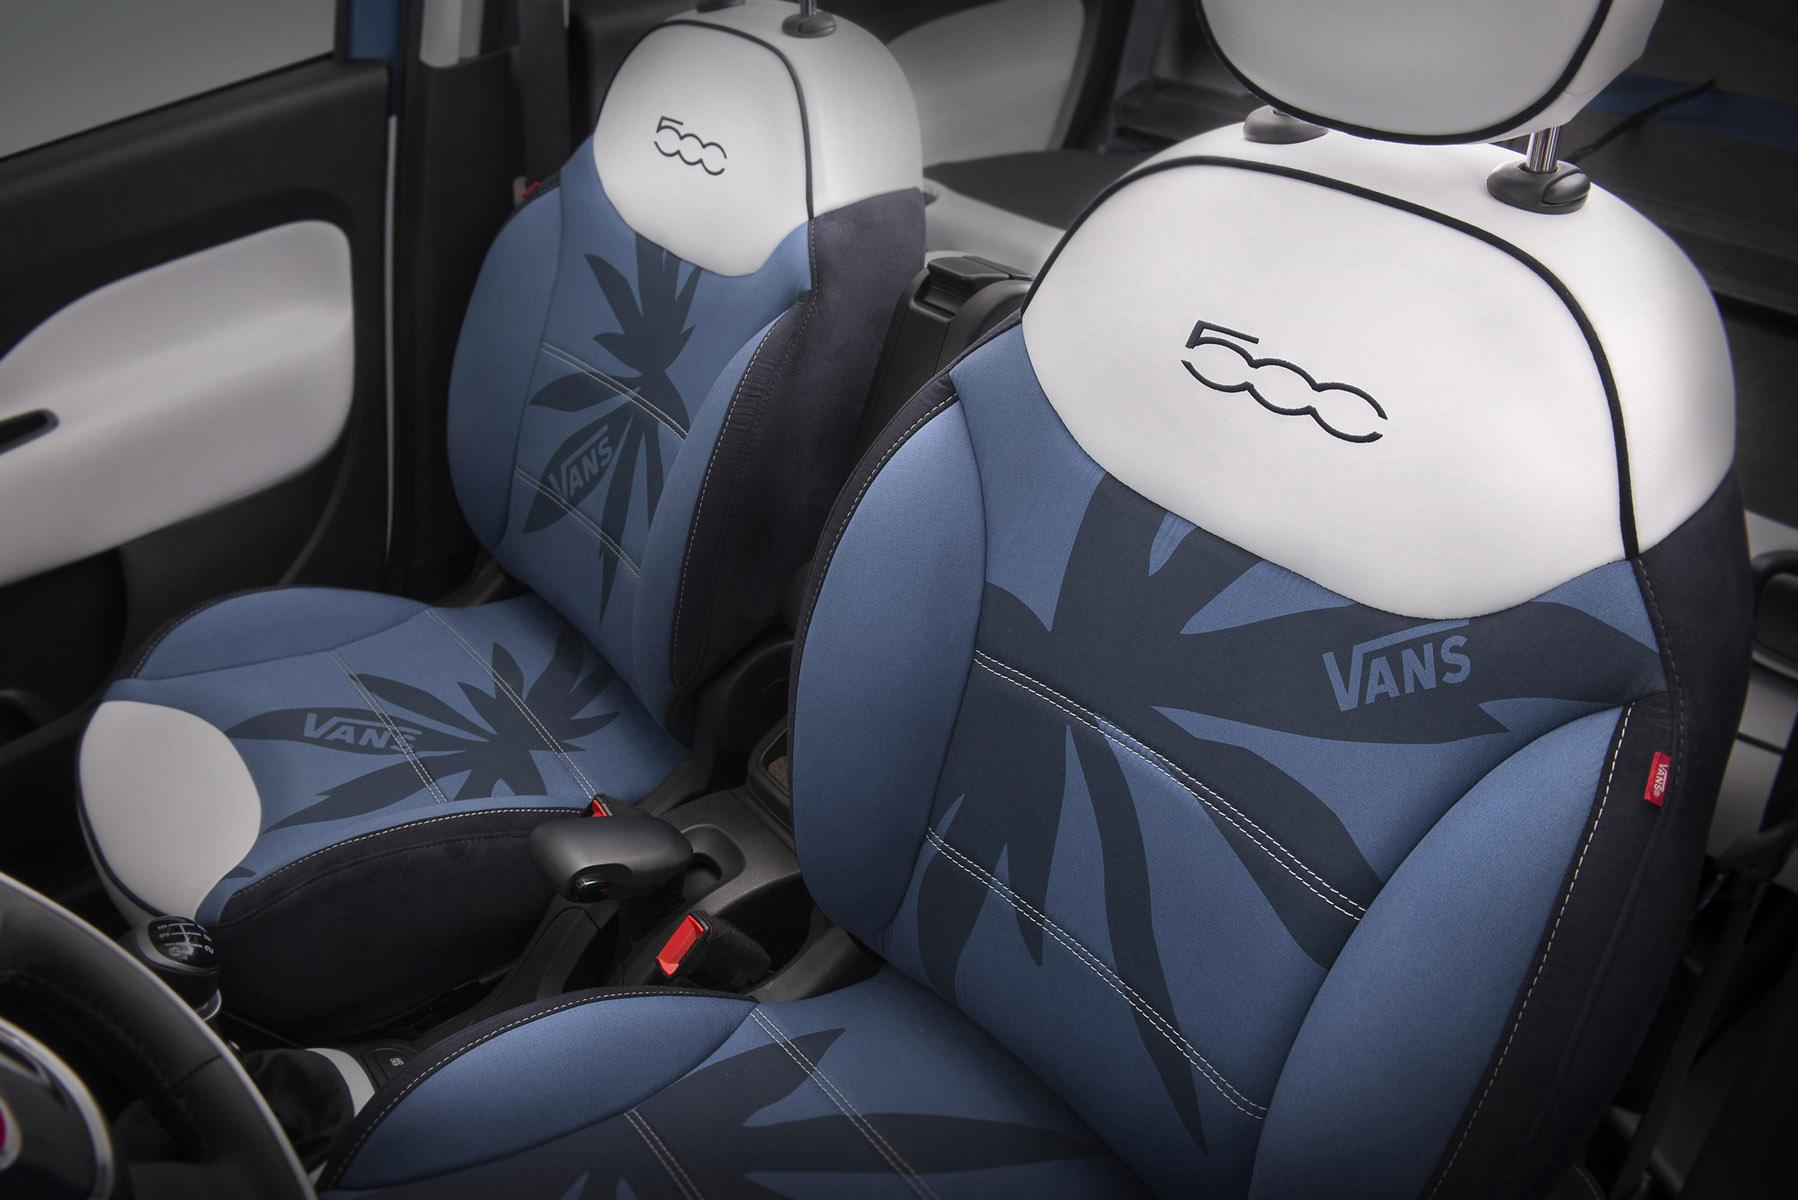 2014 Fiat 500L Vans Concept